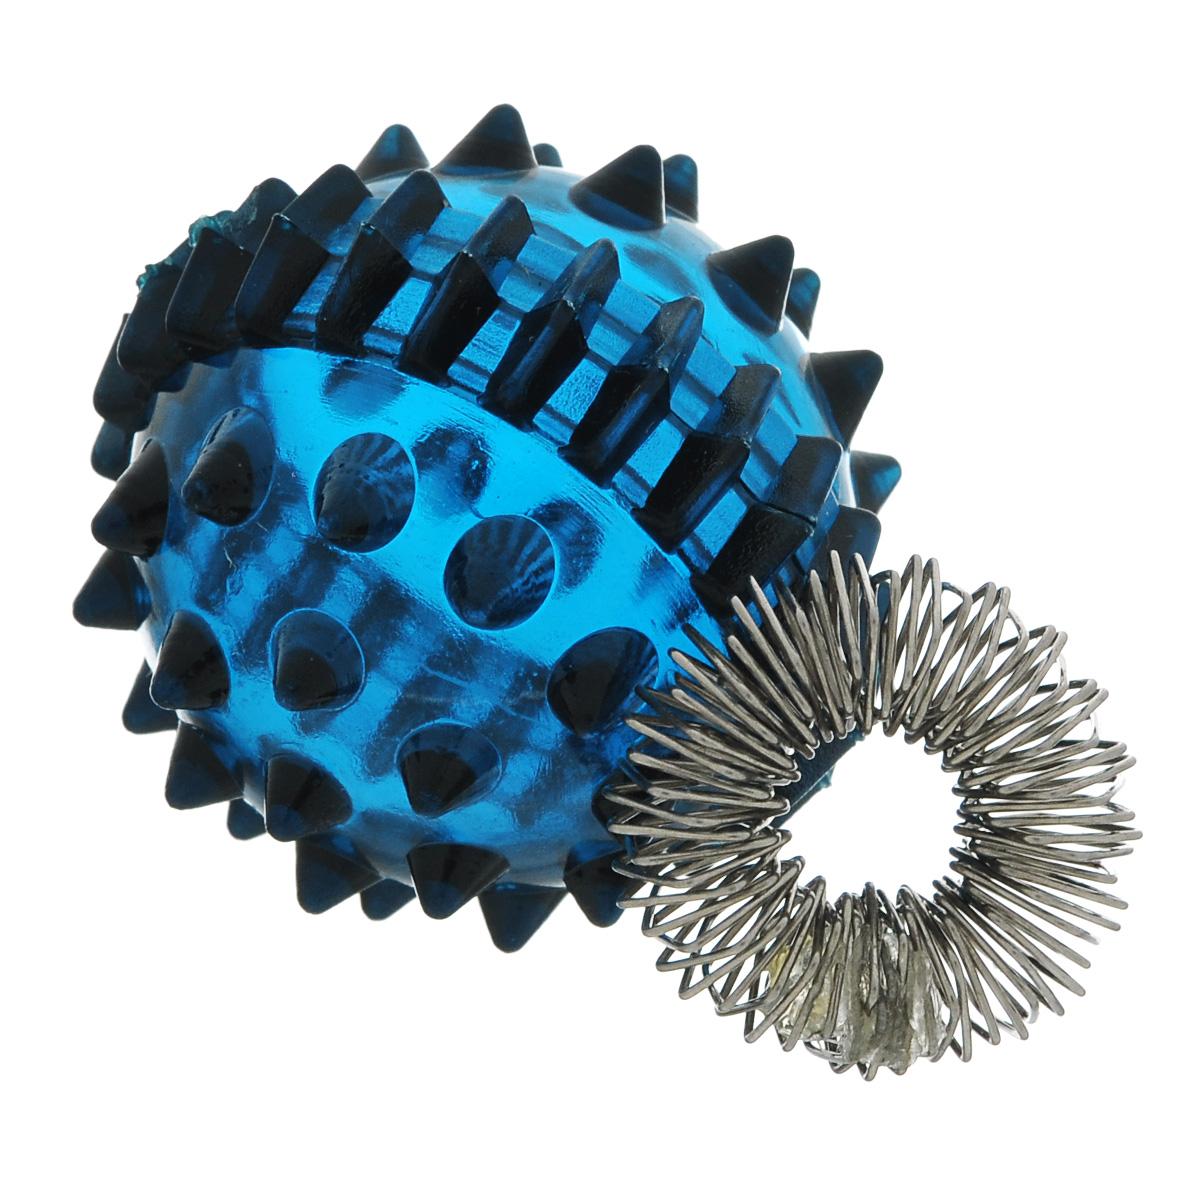 Массажер Дельтатерм Ежик, с пружинкой, цвет: синий203Массажер Дельтатерм Ежик легок и гигиеничен, прост в обращении и доступен в любой момент.Он разработан на основе медицинских знаний Древнего Востока. Известно, что управлять своим здоровьем можно при помощи стимуляции биологически активных точек на ладонях, пальцах рук и ступнях. Воздействуя на определенные точки с помощью специального шарика и эластичного пружинного кольца, можно регулировать работу всех внутренних органов. Массажер является эффективным средством при лечении гипертонии, атеросклероза. Его можно использовать для профилактики заболеваний центральной нервной системы, опорно-двигательного аппарата и щитовидной железы, а также для борьбы со стрессом и депрессией.В комплект входят массажер Ежик, эластичная пружина-кольцо и иллюстрированная брошюра.